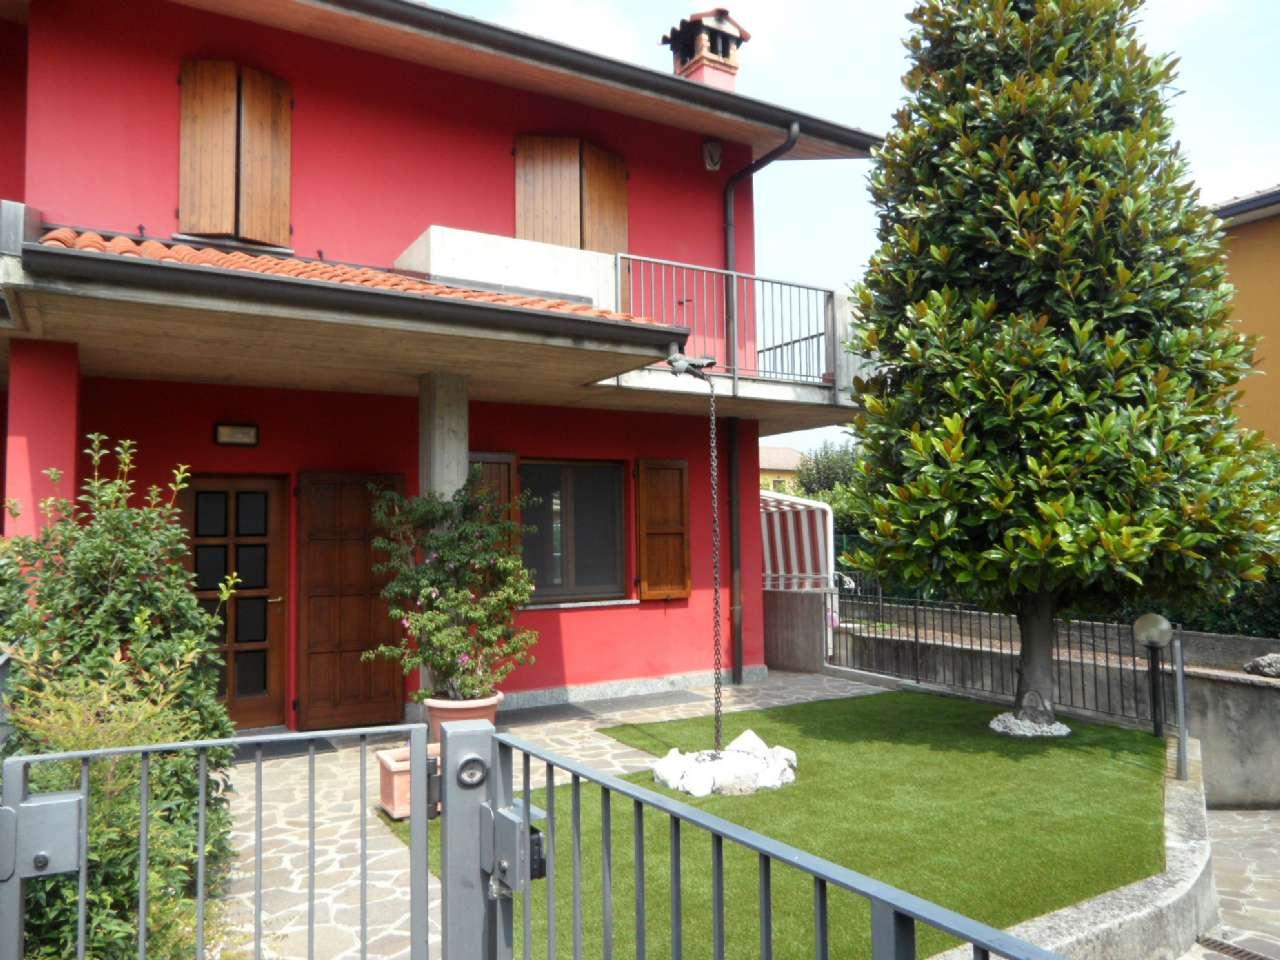 Villa Bifamiliare in vendita a Brusaporto, 4 locali, prezzo € 345.000 | PortaleAgenzieImmobiliari.it